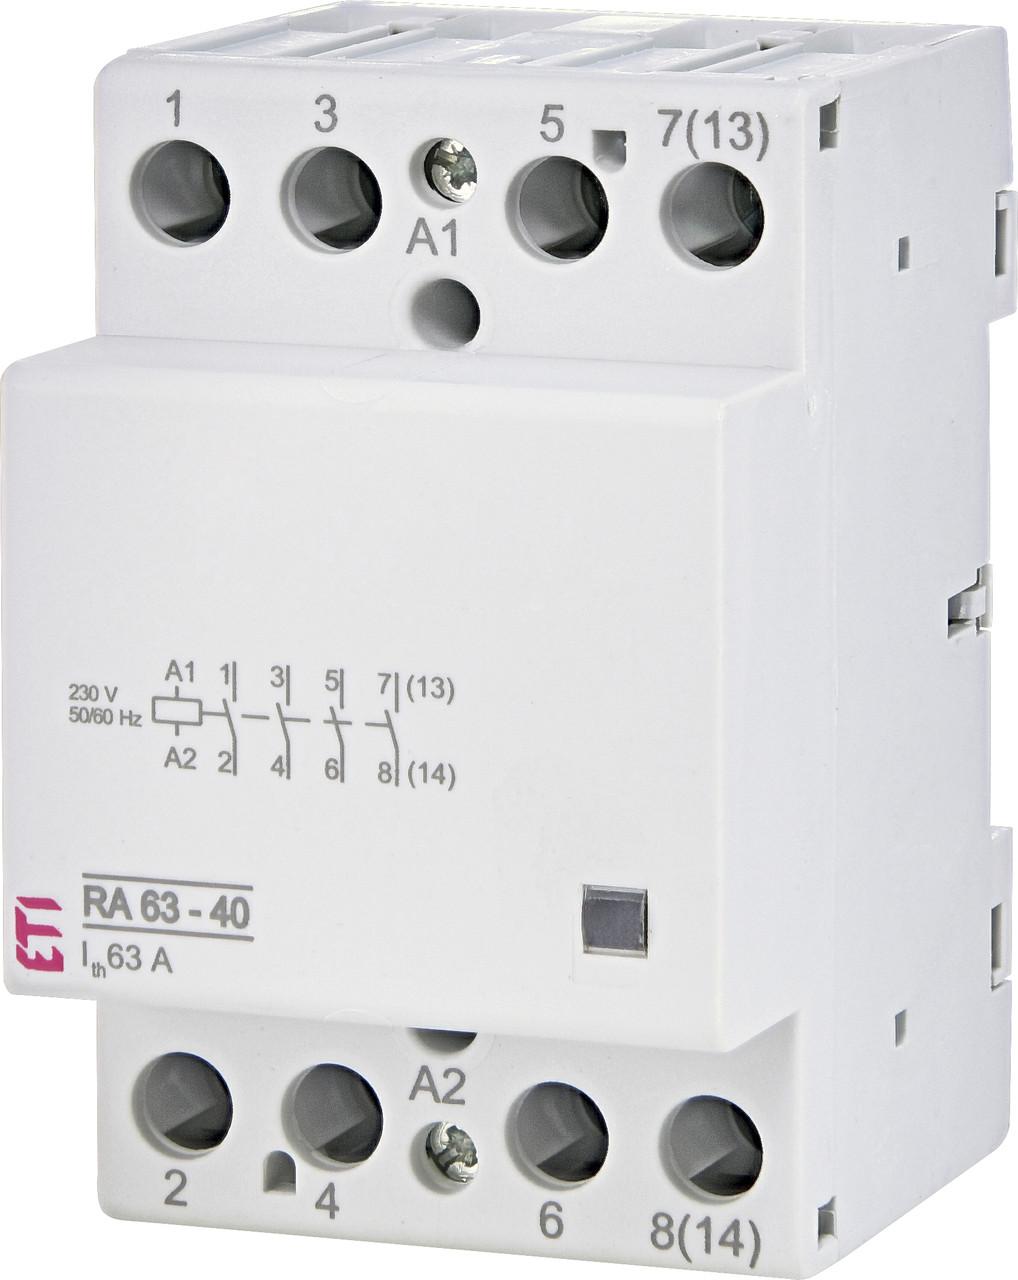 Контактор модульный ETI RA 63-40 63А 230V AC 4NO 2464096 (модульный, на din-рейку)